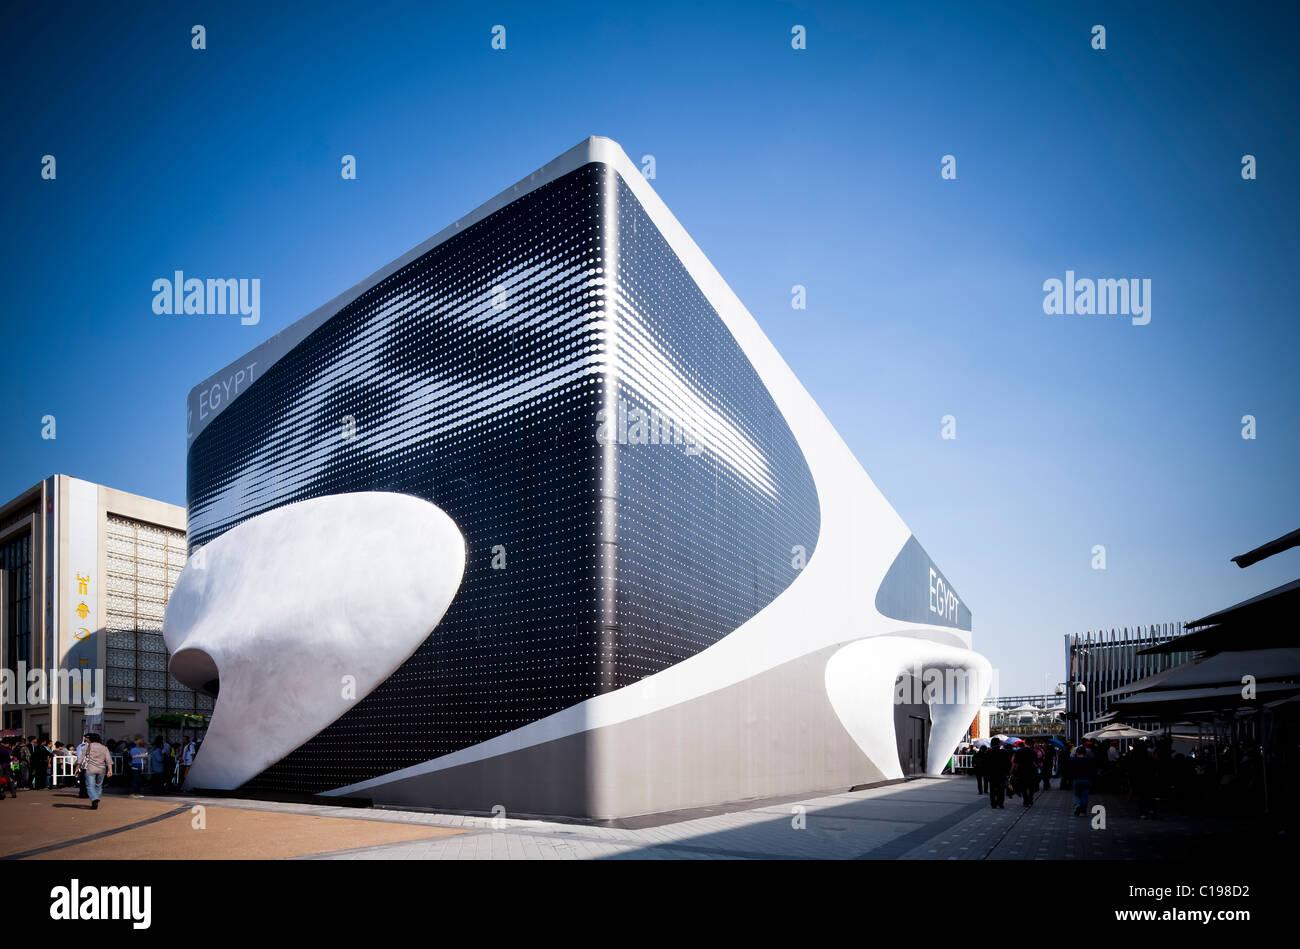 Expo Stand Egitto : Egypt pavilion stock photos & egypt pavilion stock images alamy